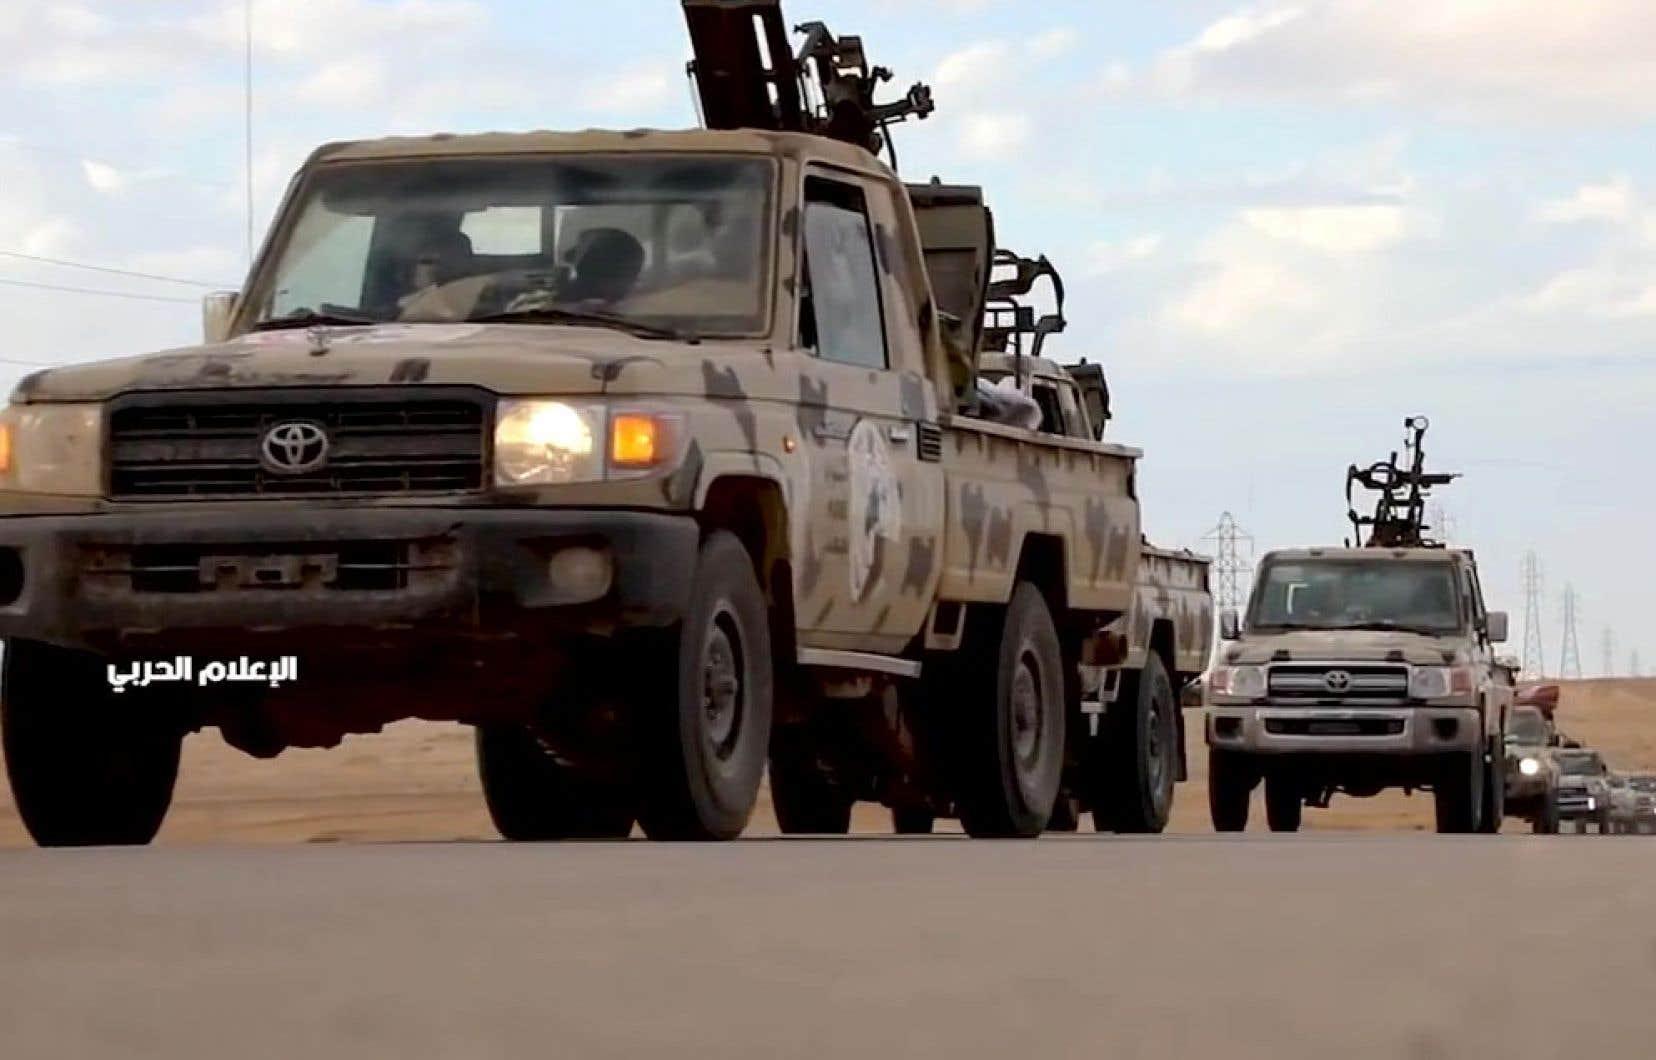 Une capture d'écran d'une vidéo publiée sur la page Facebook de l'ANL montre une colonne de véhicules armés se diriger vers Tripoli.